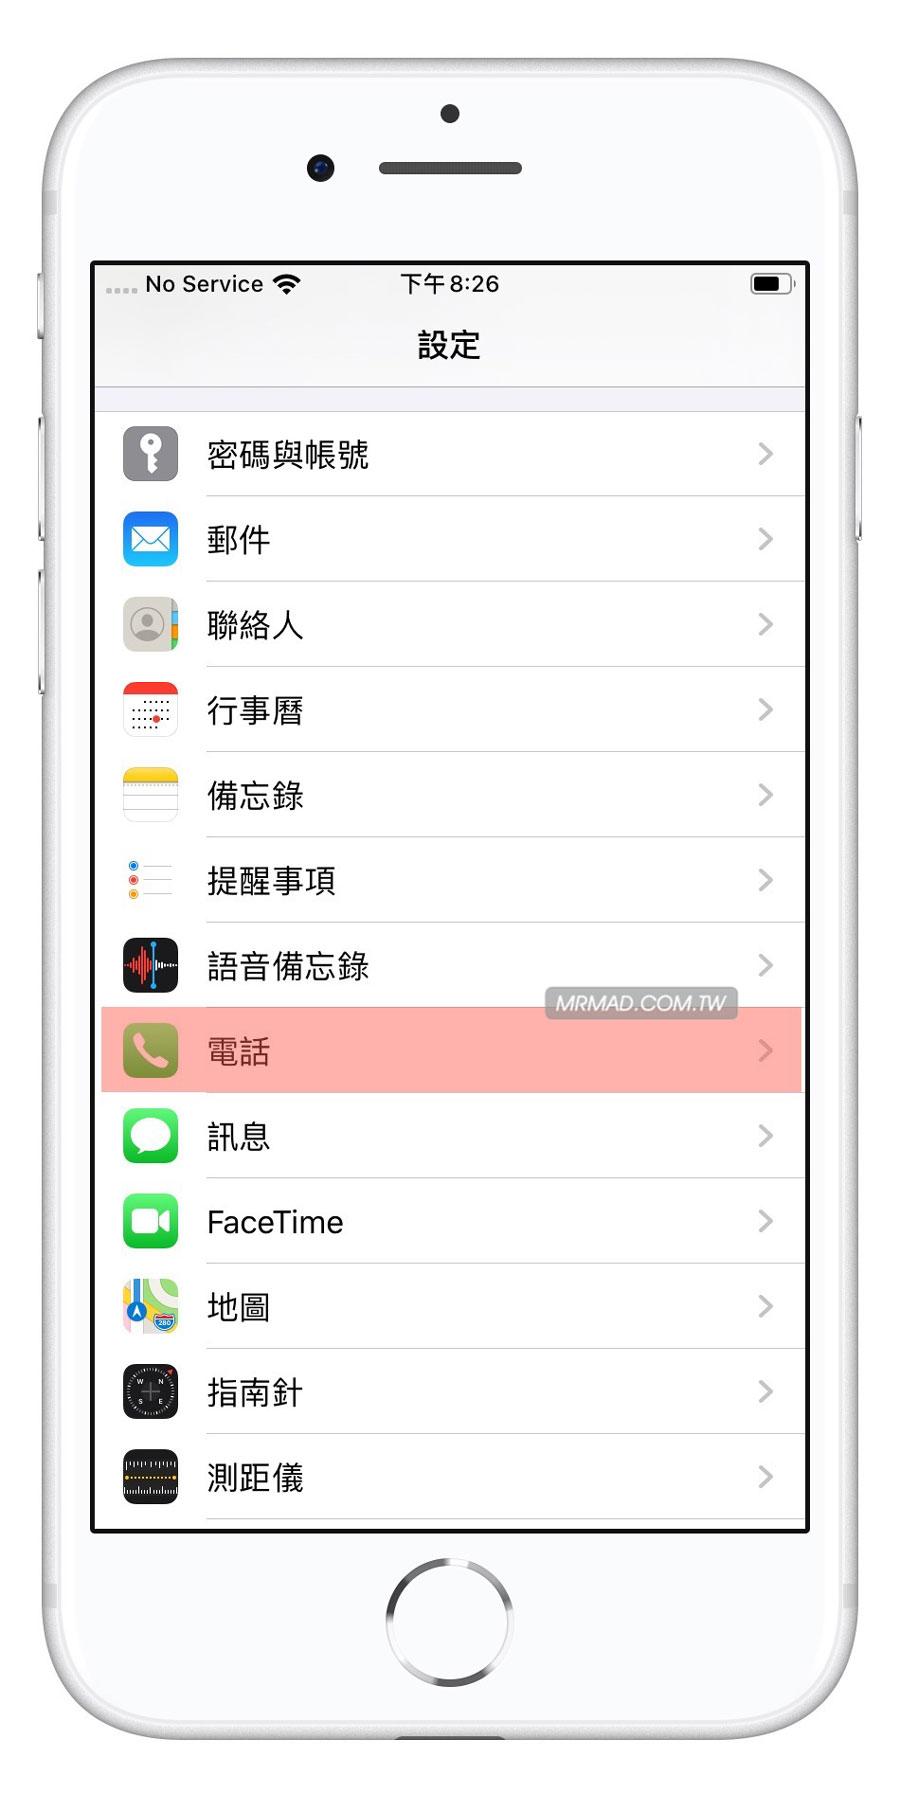 iPhone 能自動拒接「未顯示號碼」騷擾電話了!教你在 iOS 13 設定技巧